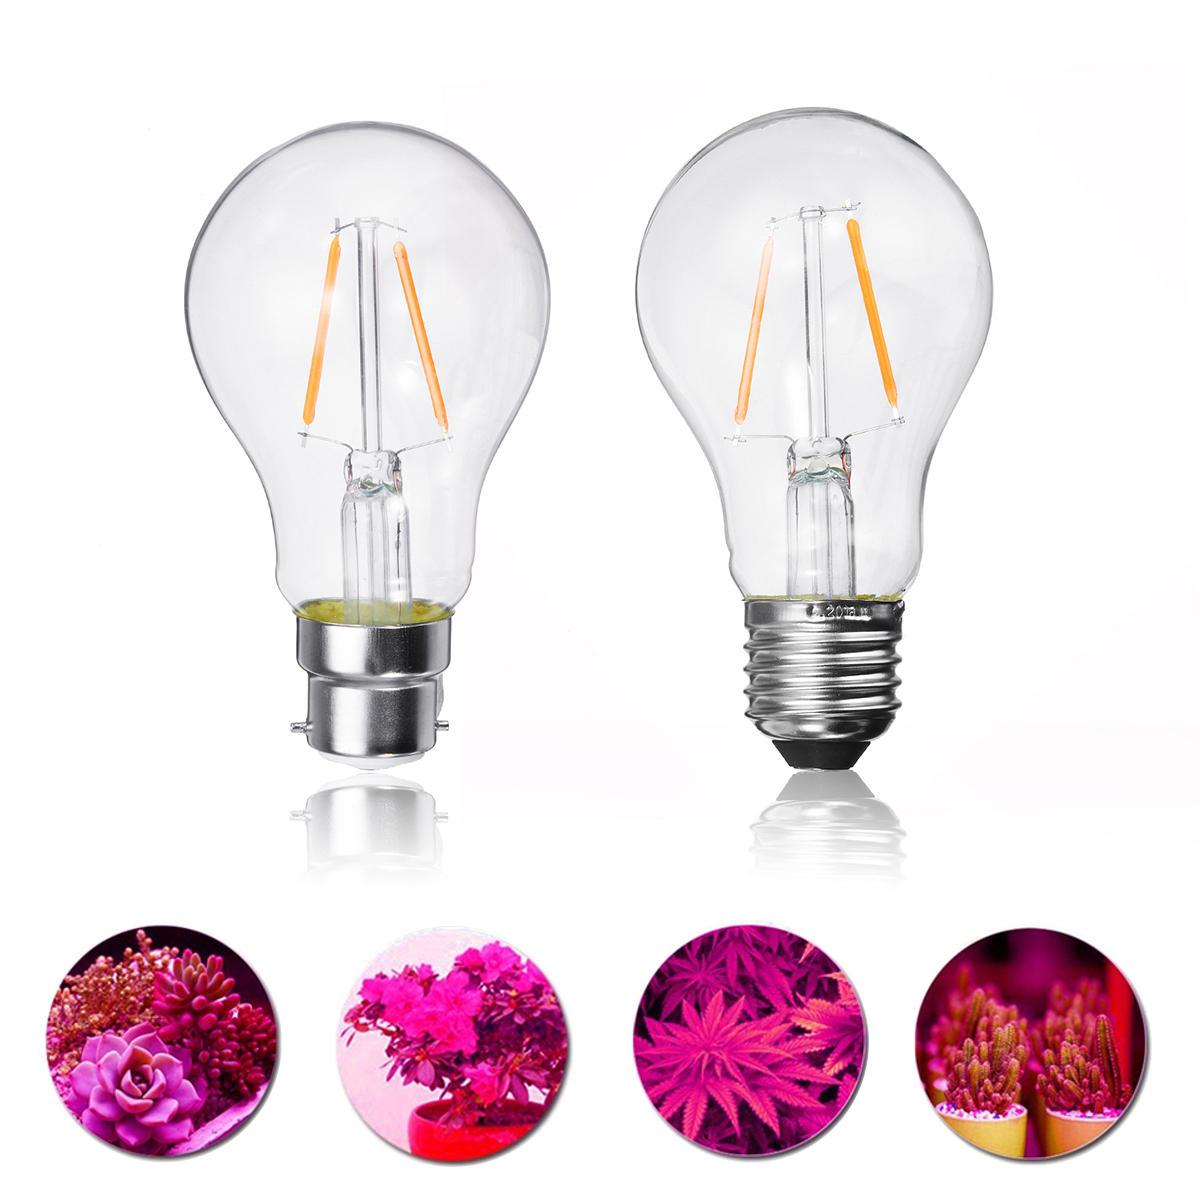 2W E27 B22 A60 LED Planta Crescer lâmpada para hidroponia com efeito de estufa não-regulável AC85-265V